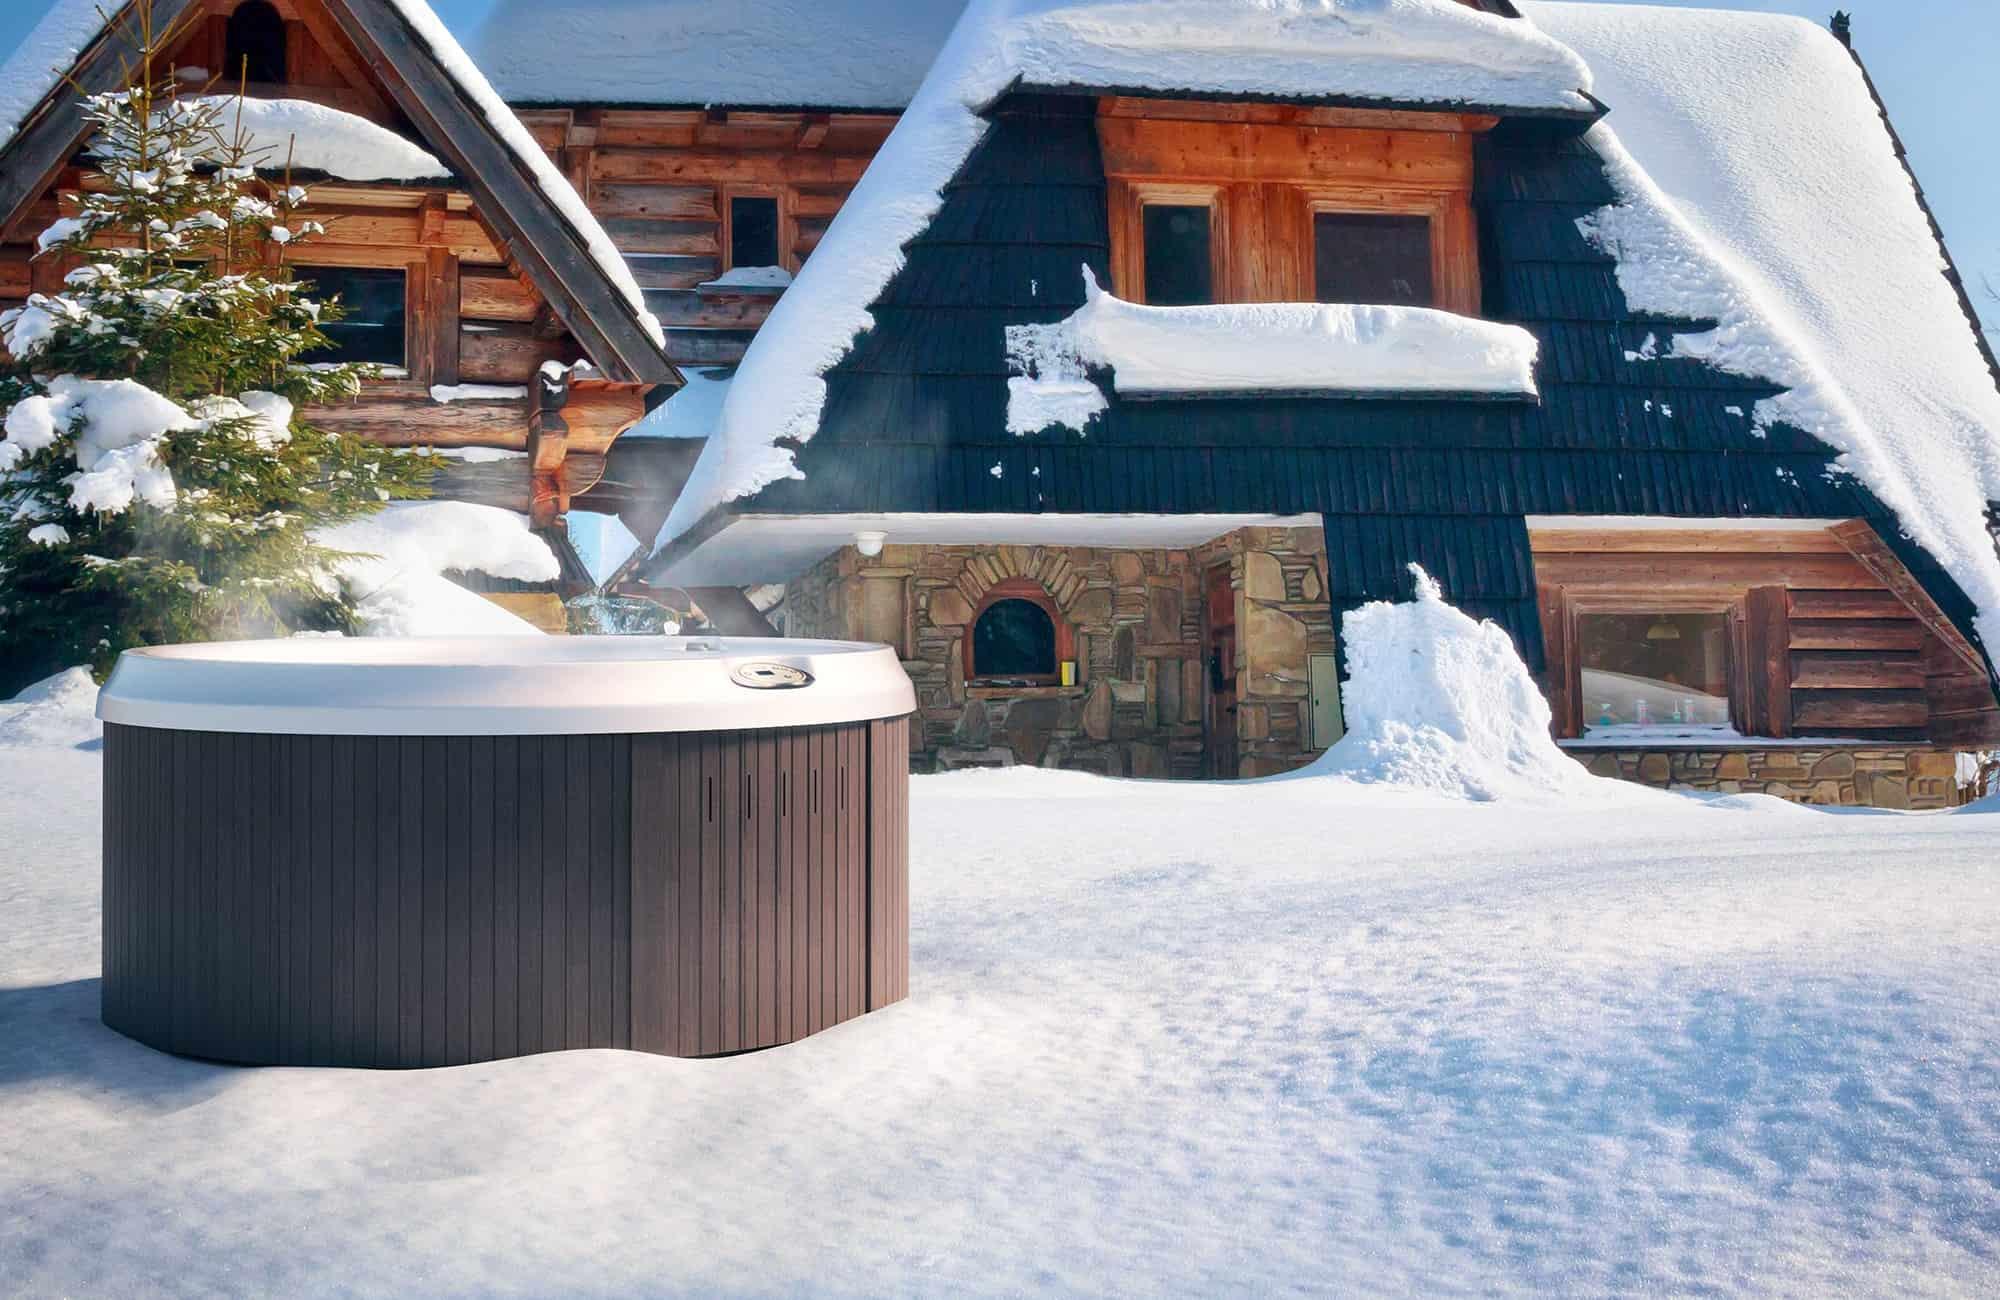 J-210 Hot Tub Installation in Ontario